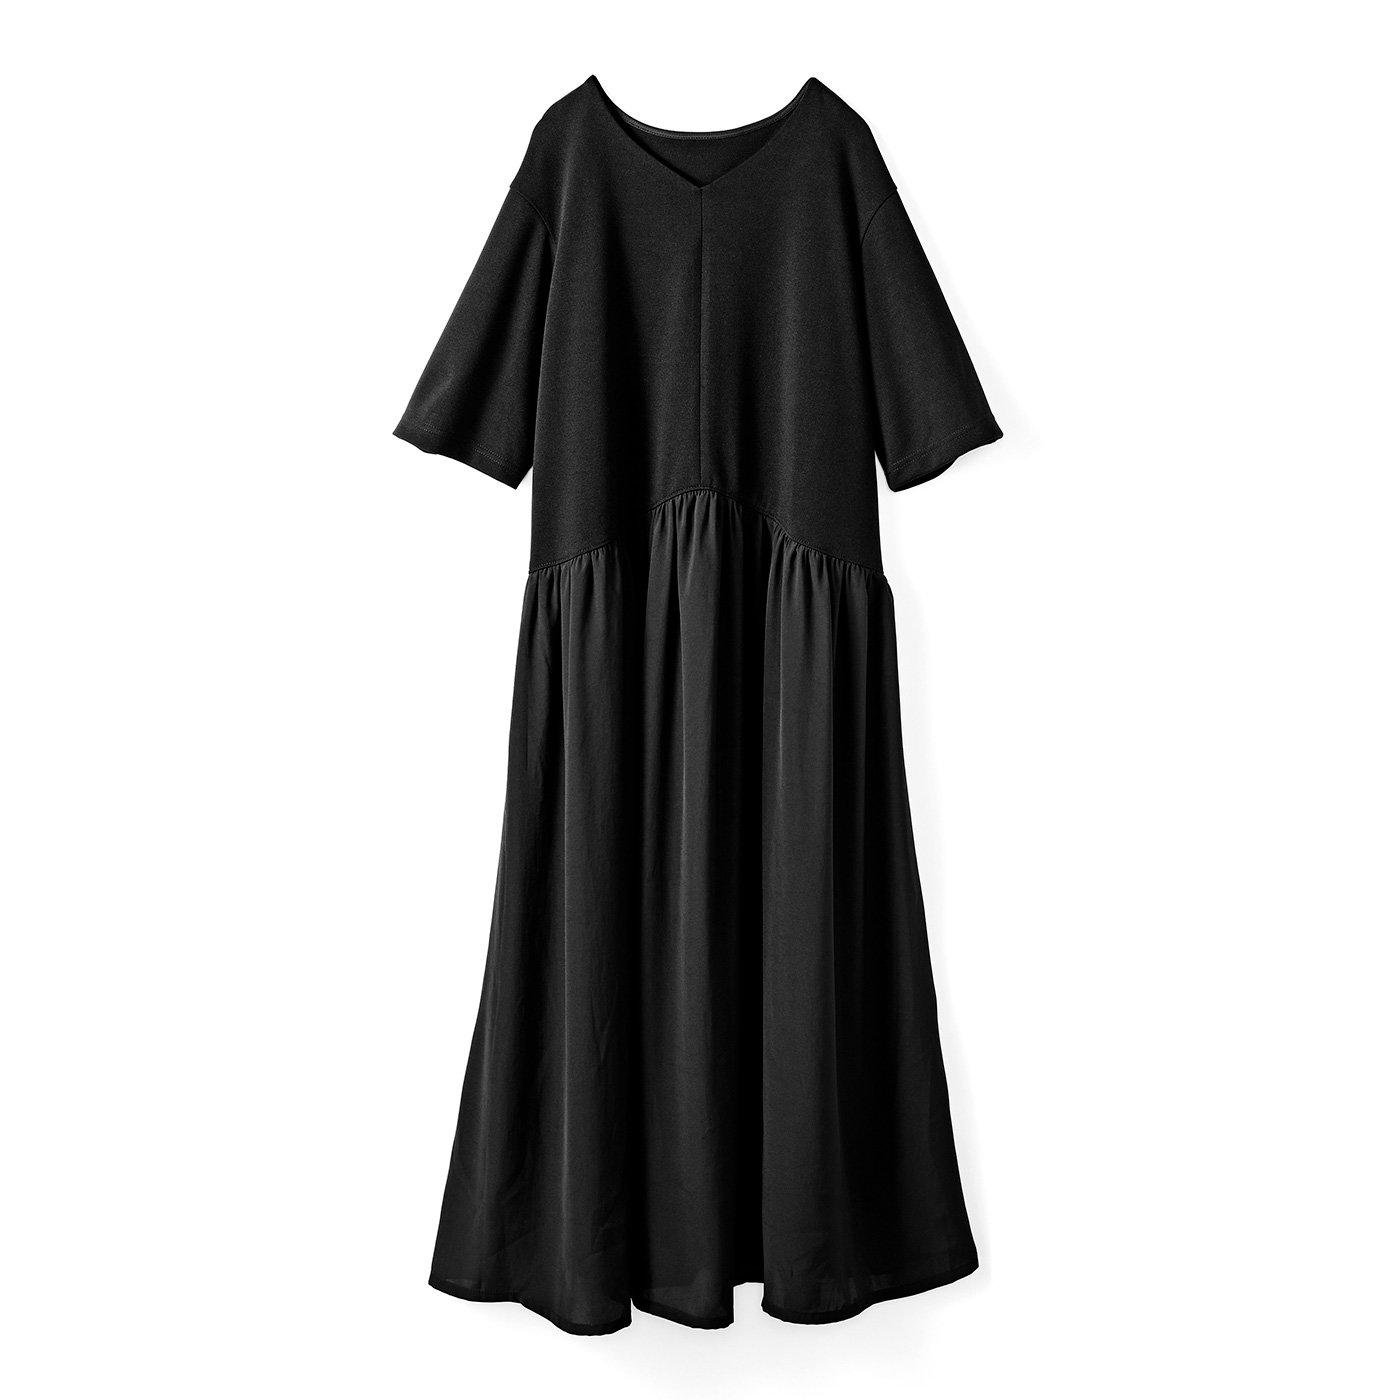 IEDIT[イディット] トップスは吸汗速乾カットソー スカートは布はくの異素材遣い 快適着映えロングワンピース〈ブラック〉